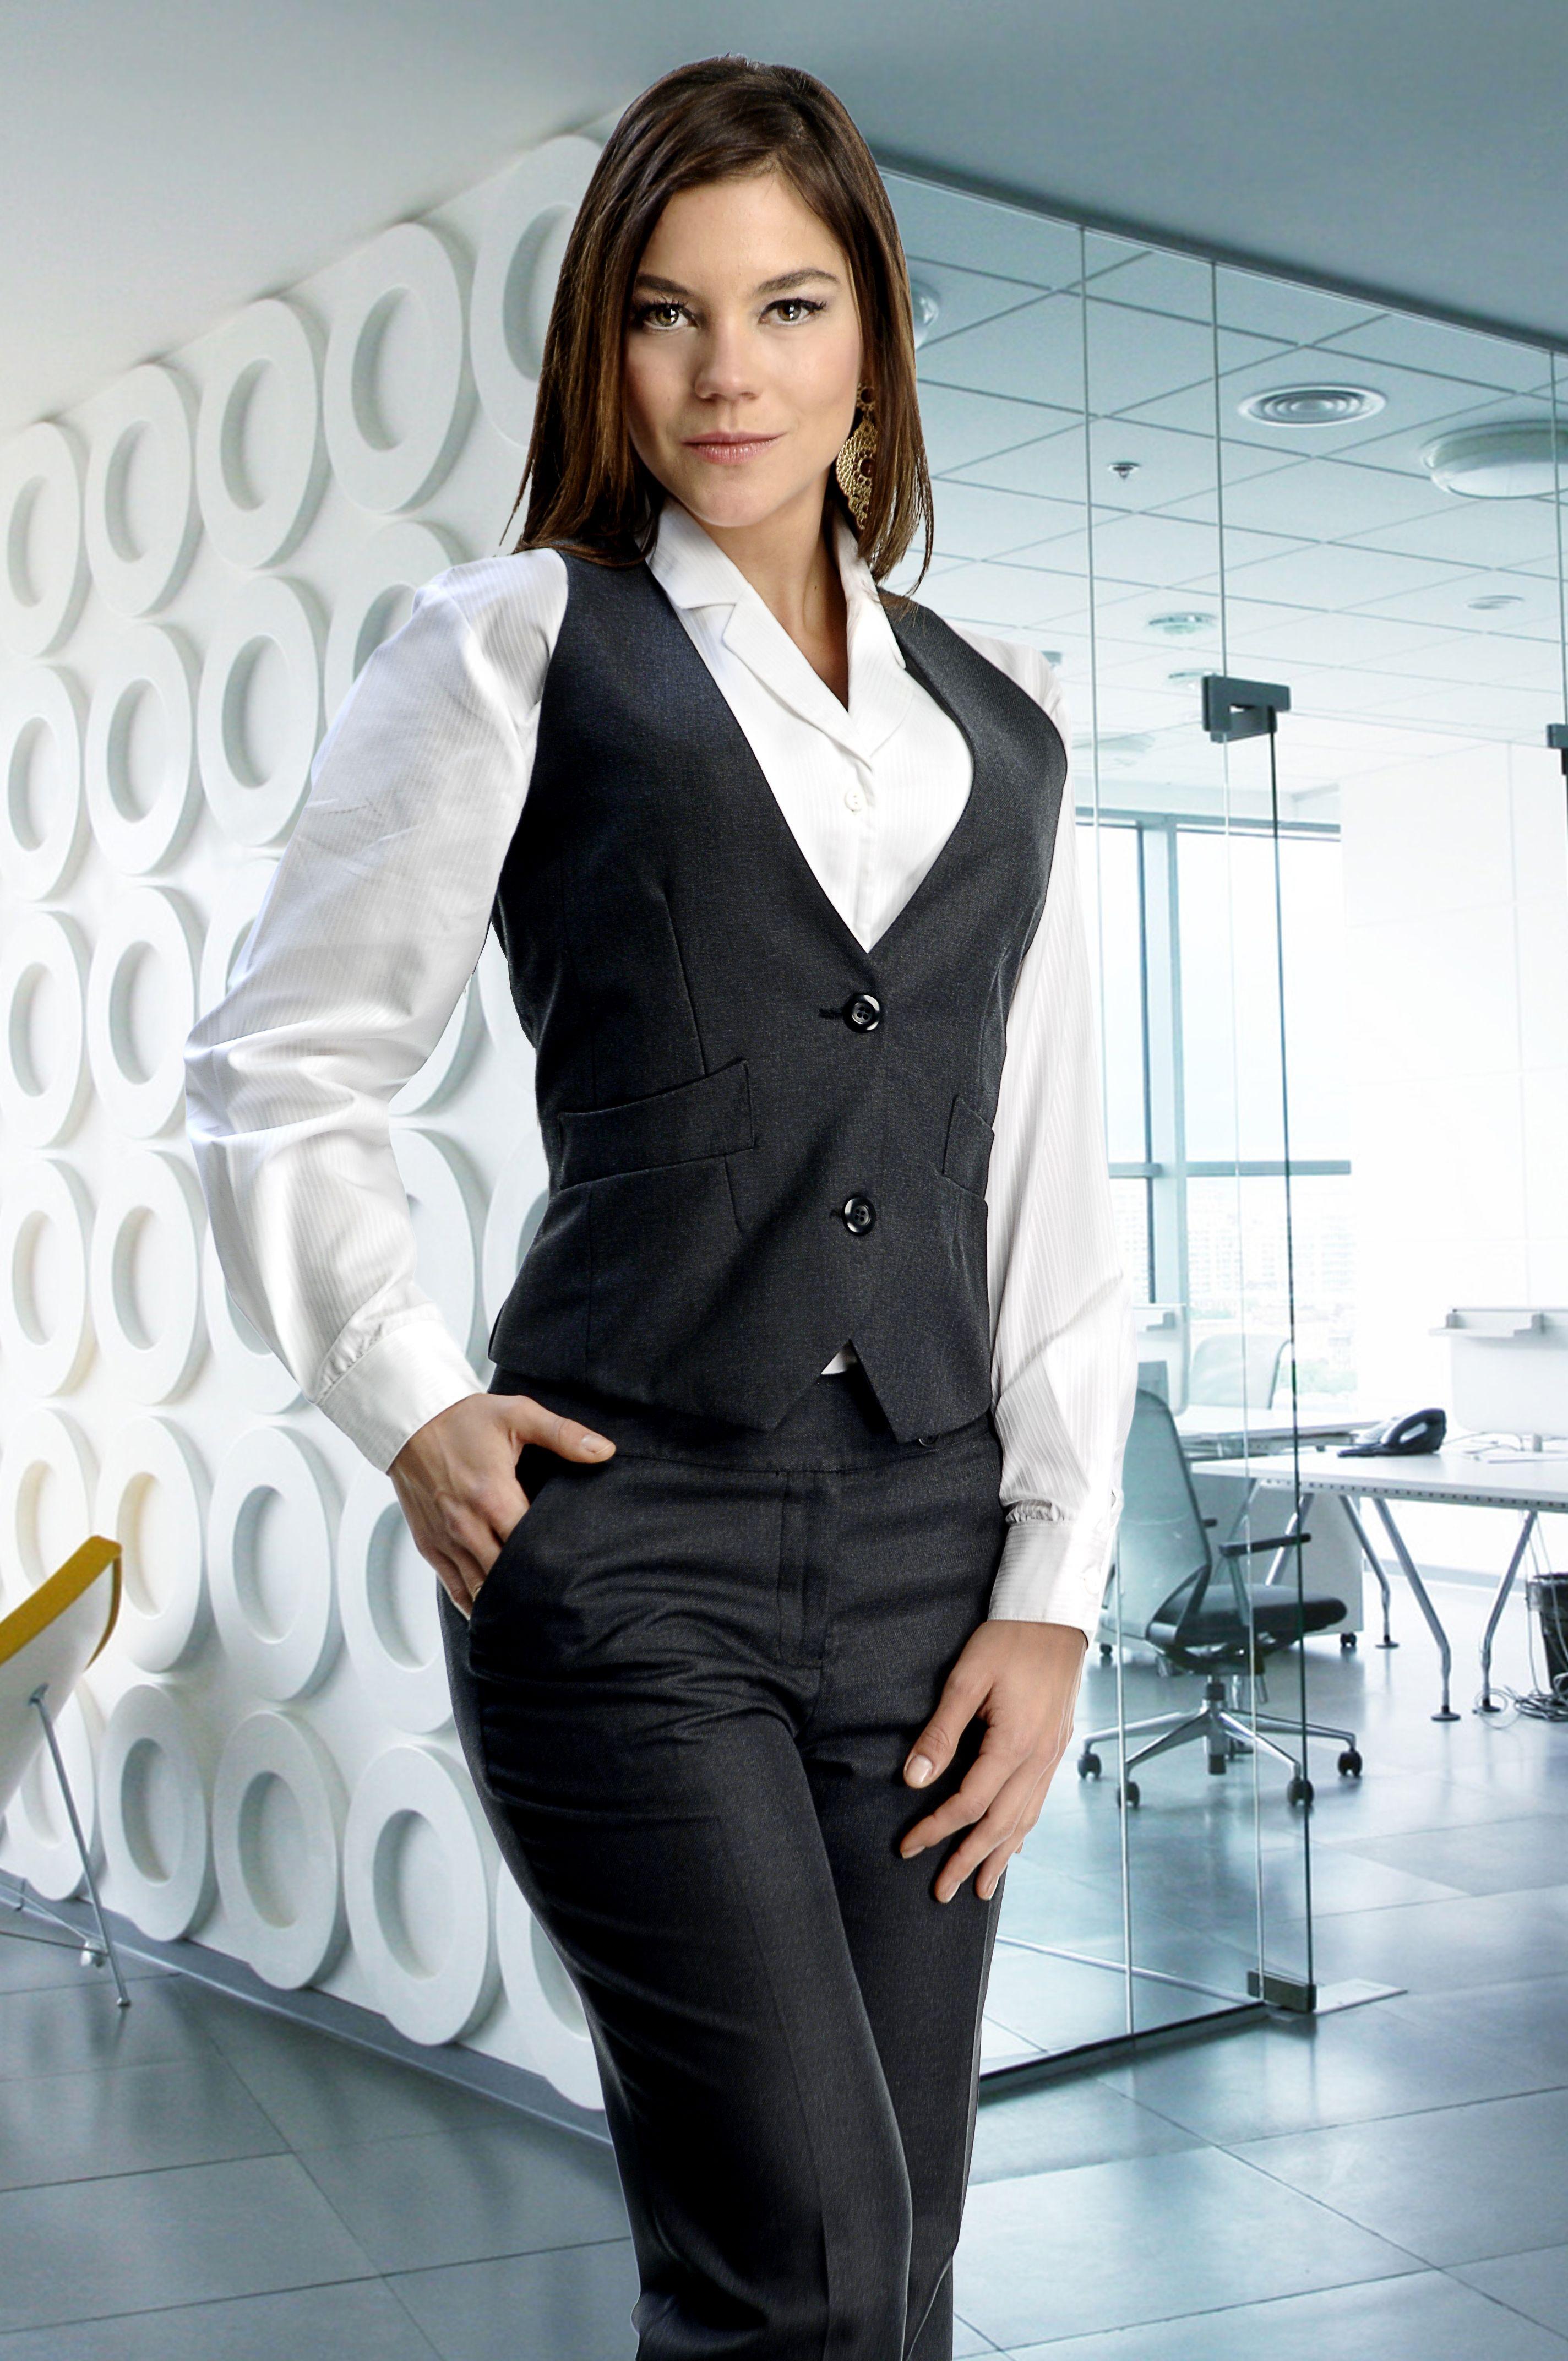 Uniforme para personal femenino de tres piezas pantalón y chaleco gris y  blusa blanca http  5f3d53bc575a